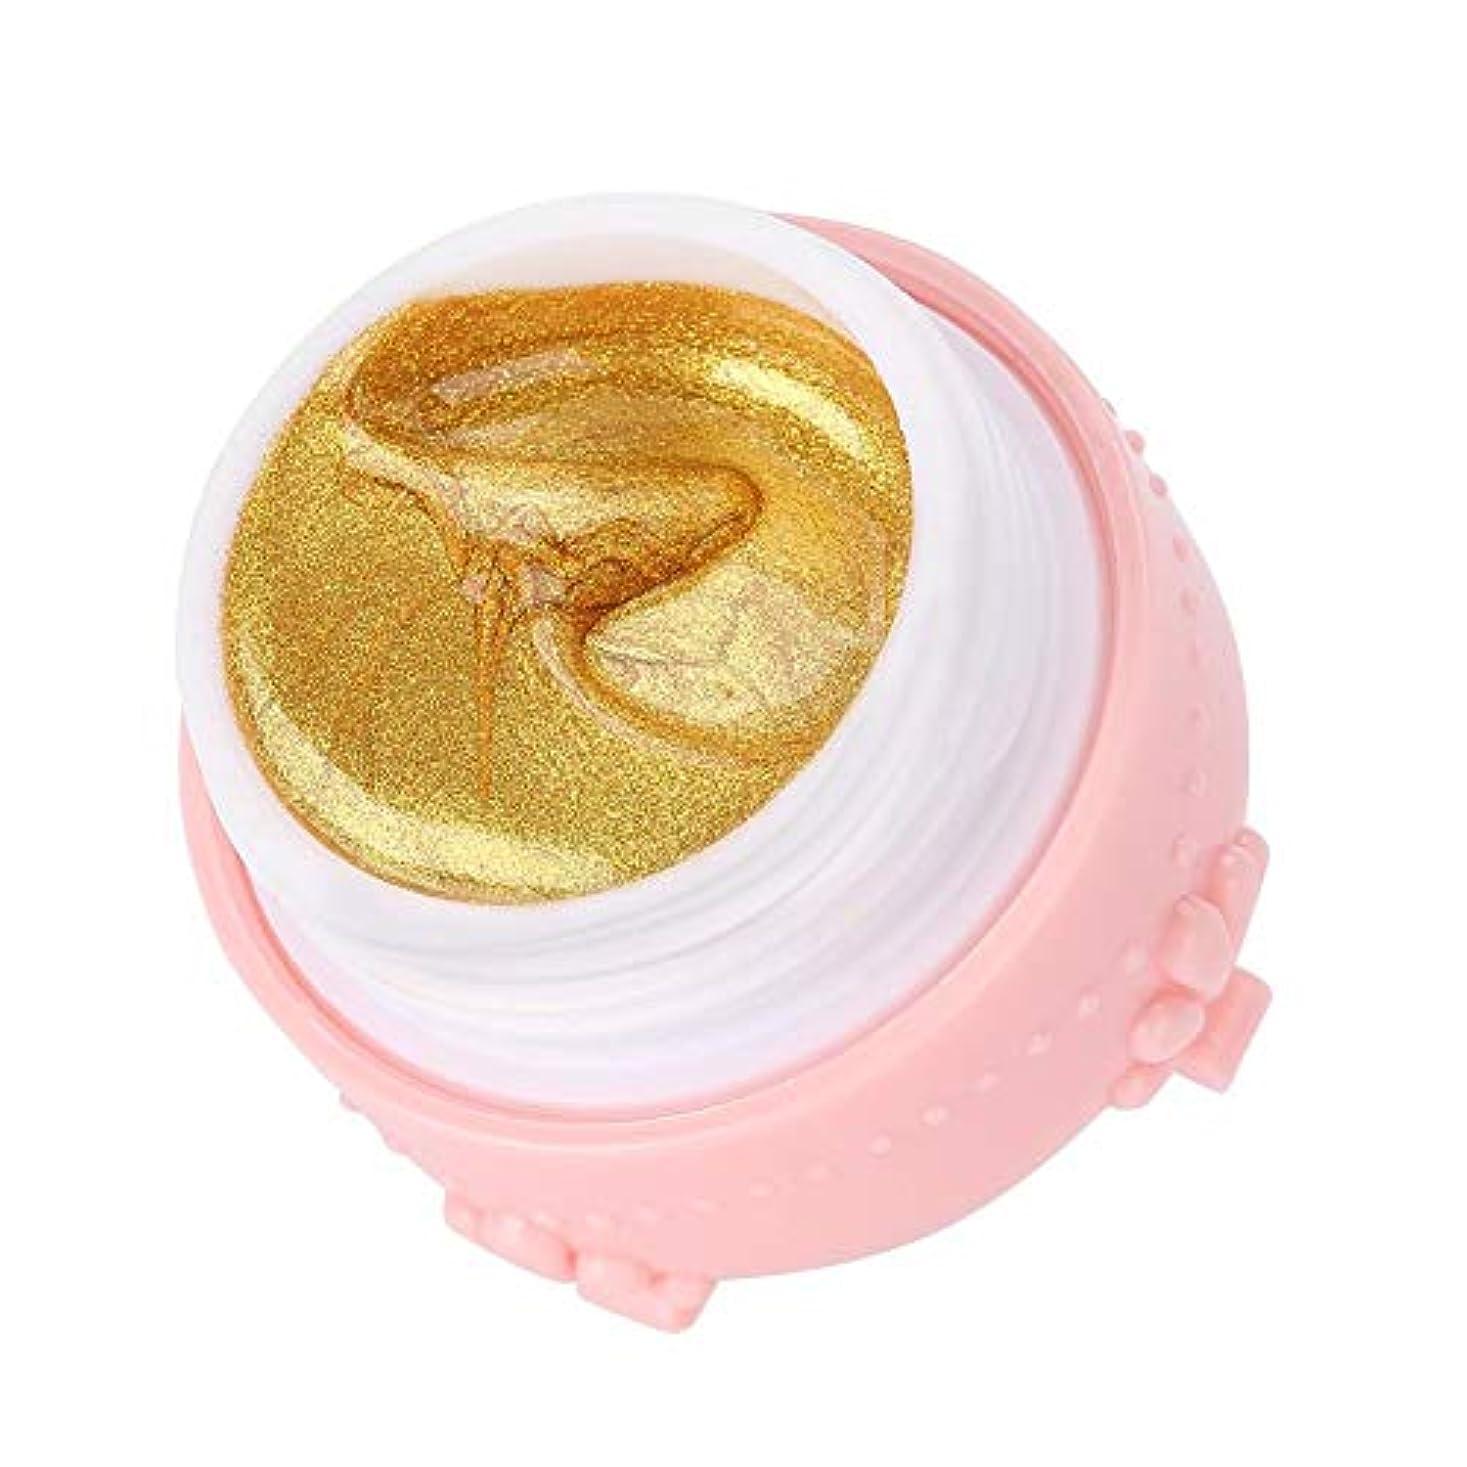 記事極地市長ジェルネイル キラキラ素敵な 3DネイルUVジェル 強力な接着 女性 良い贈り物(金色)